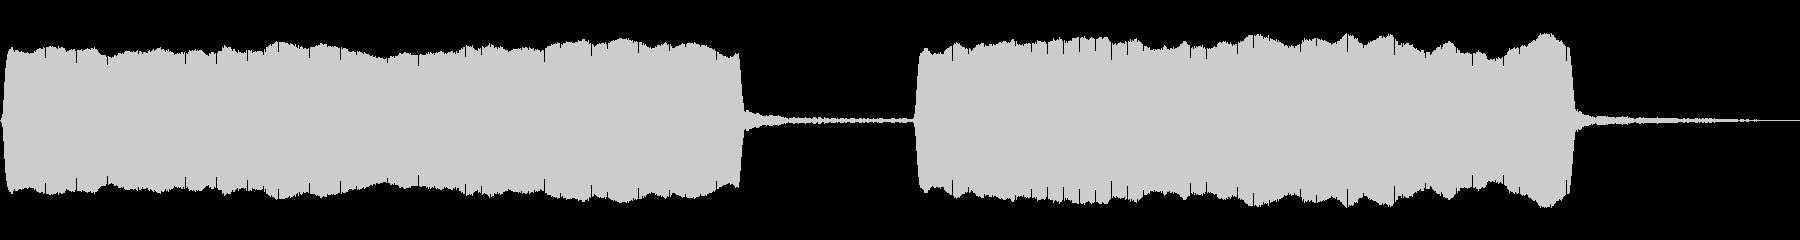 ラージエアホーン:2つのロングブラ...の未再生の波形